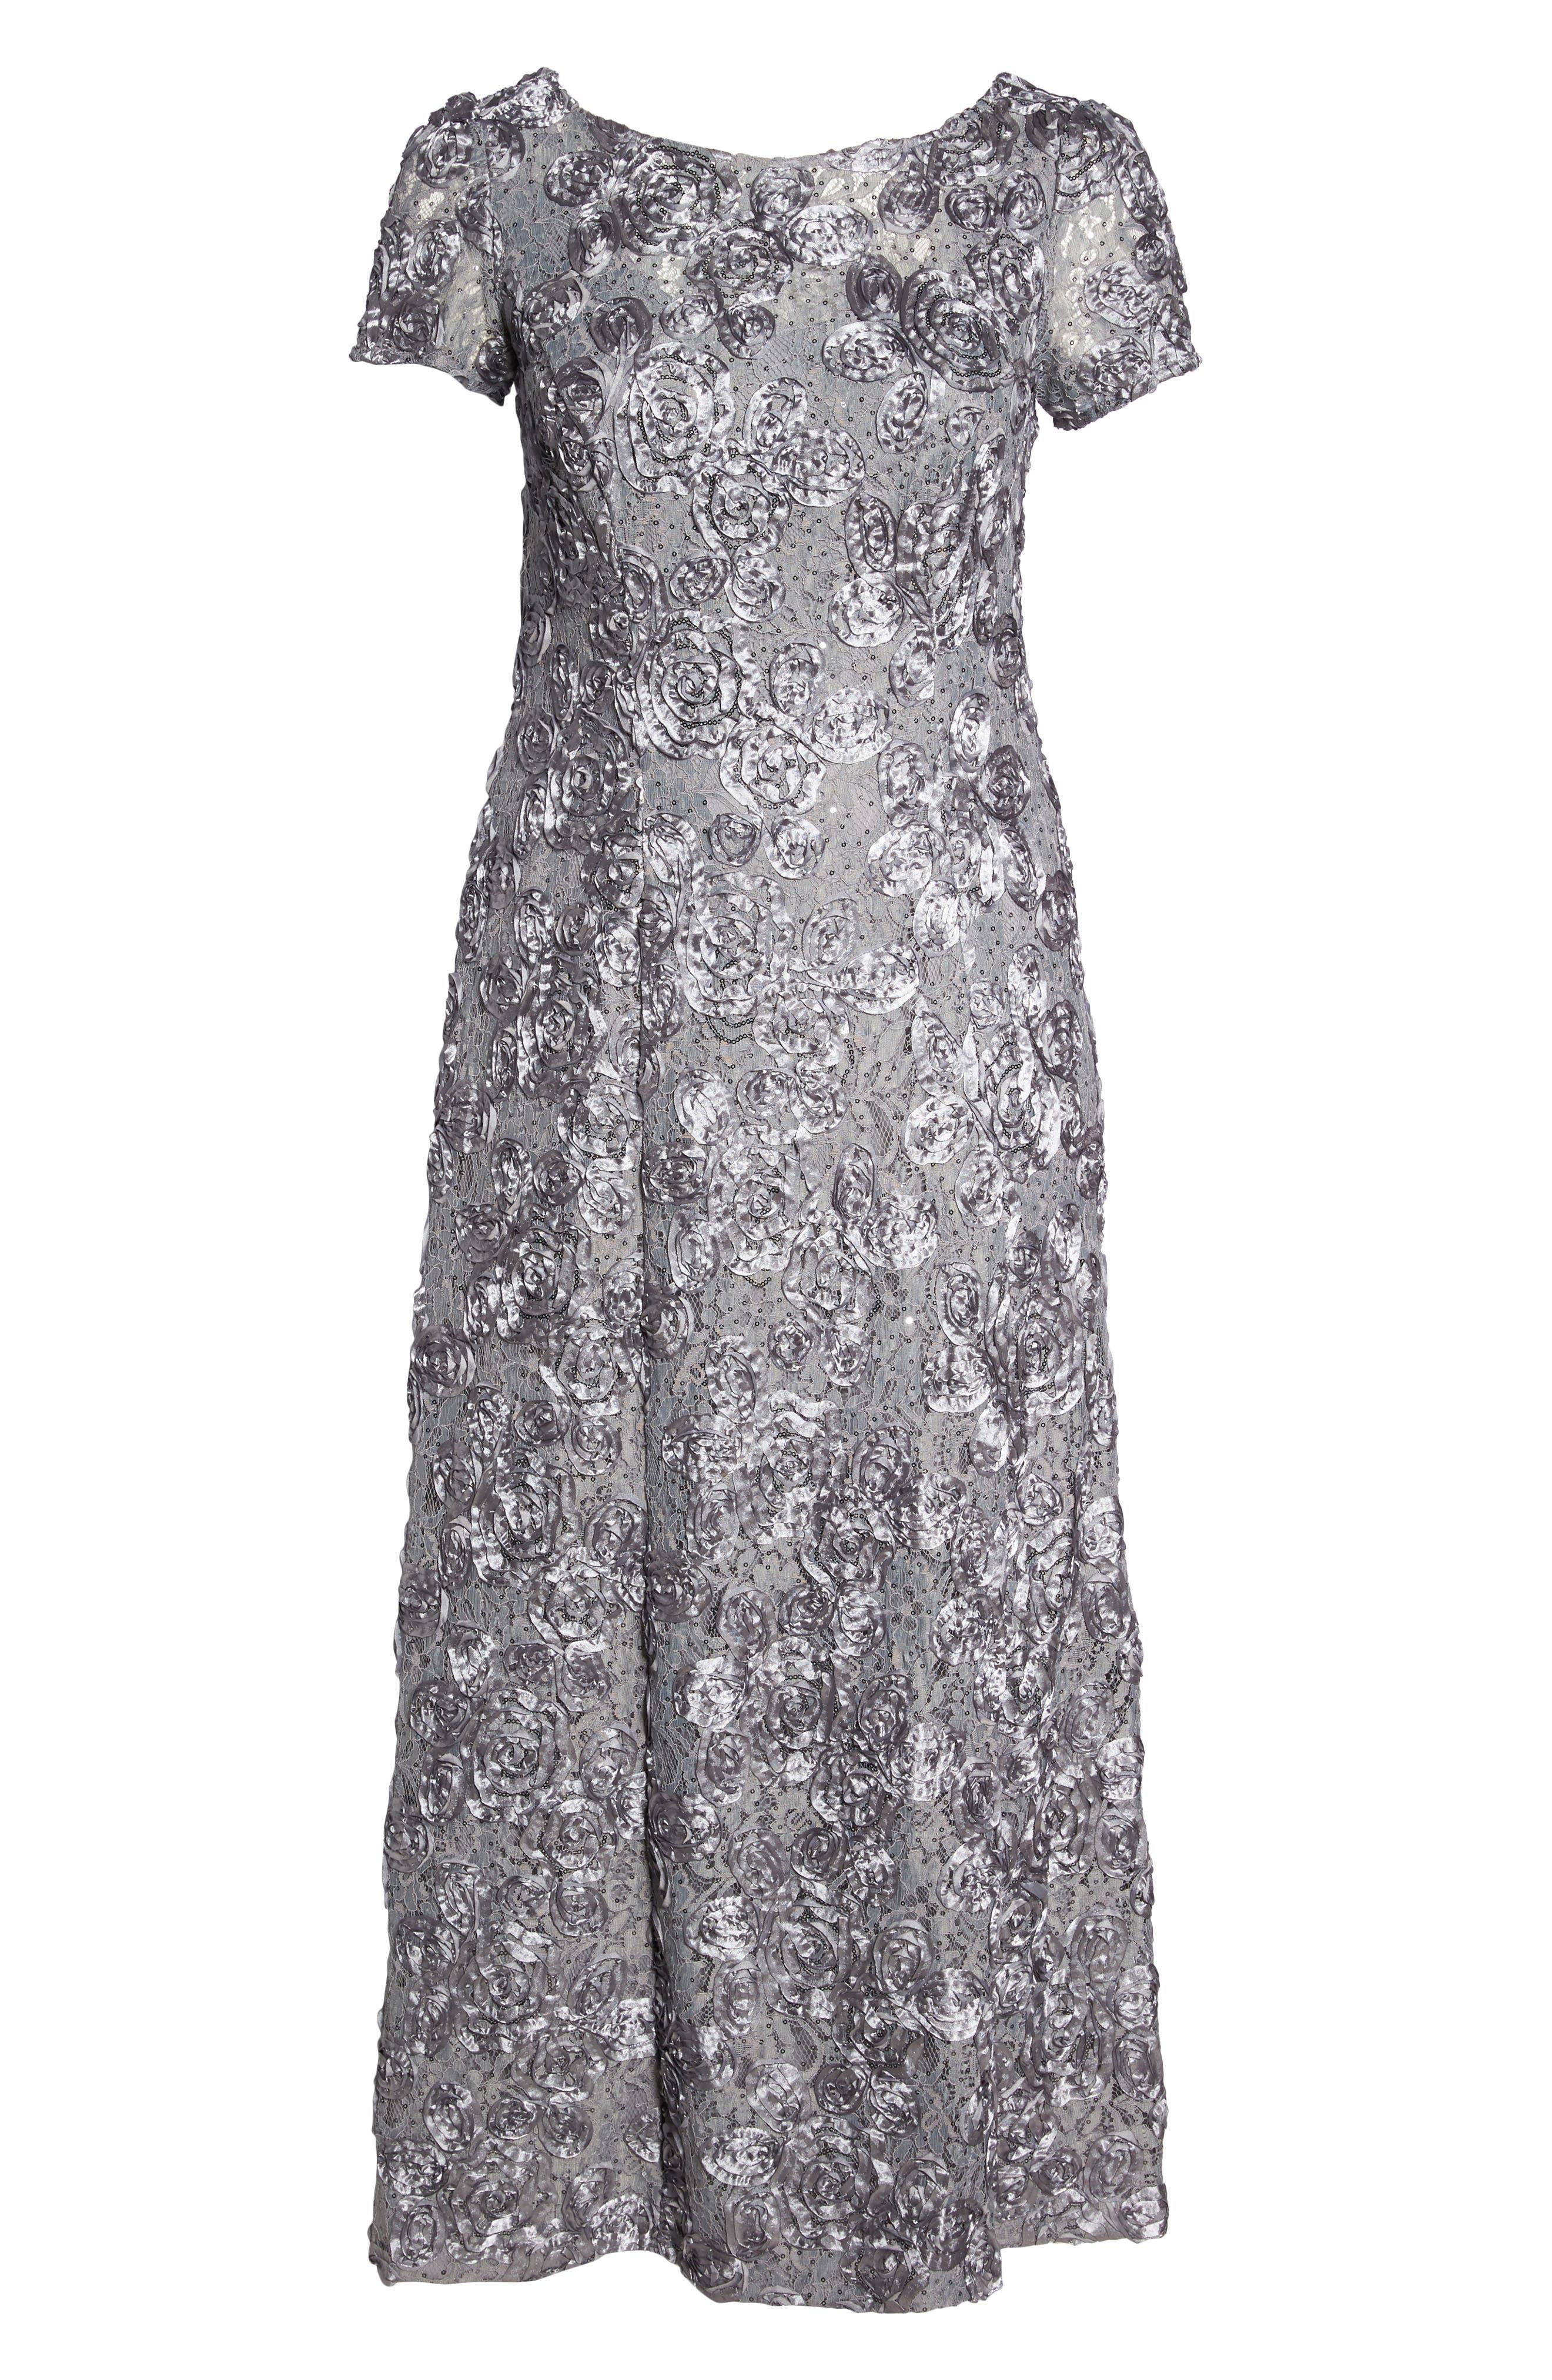 ALEX EVENINGS, Rosette Lace Short Sleeve A-Line Gown, Alternate thumbnail 7, color, DOVE